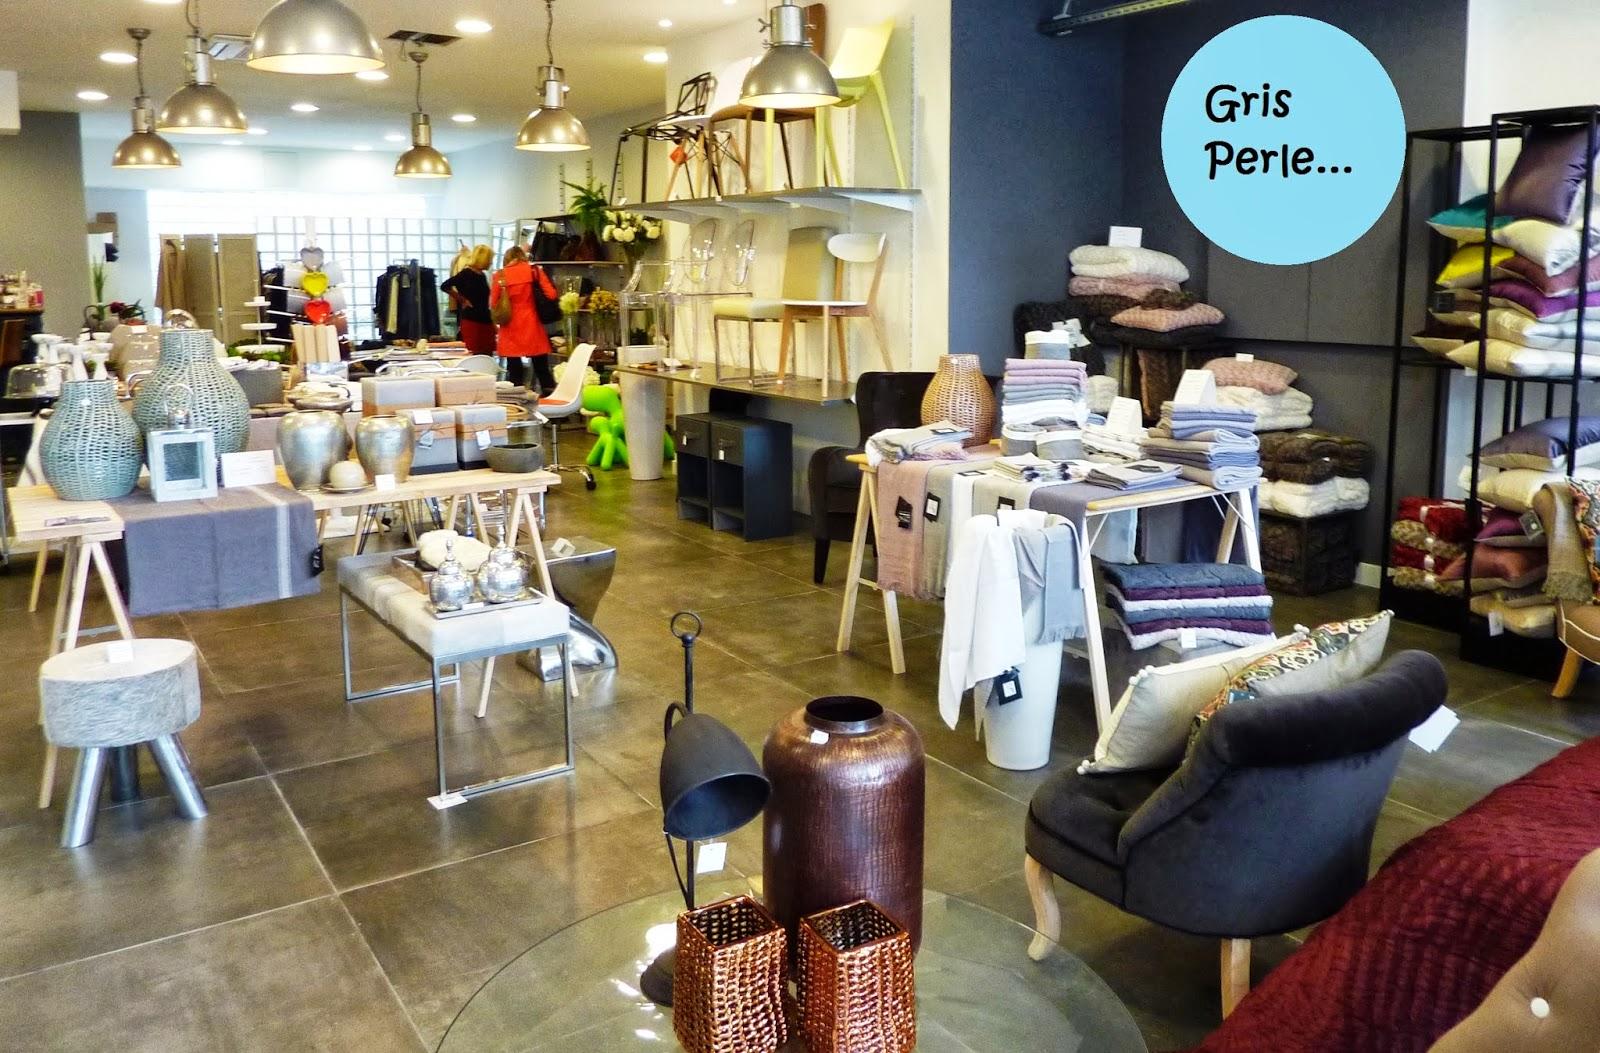 gris perle nouveau concept store marseillais initiales gg. Black Bedroom Furniture Sets. Home Design Ideas